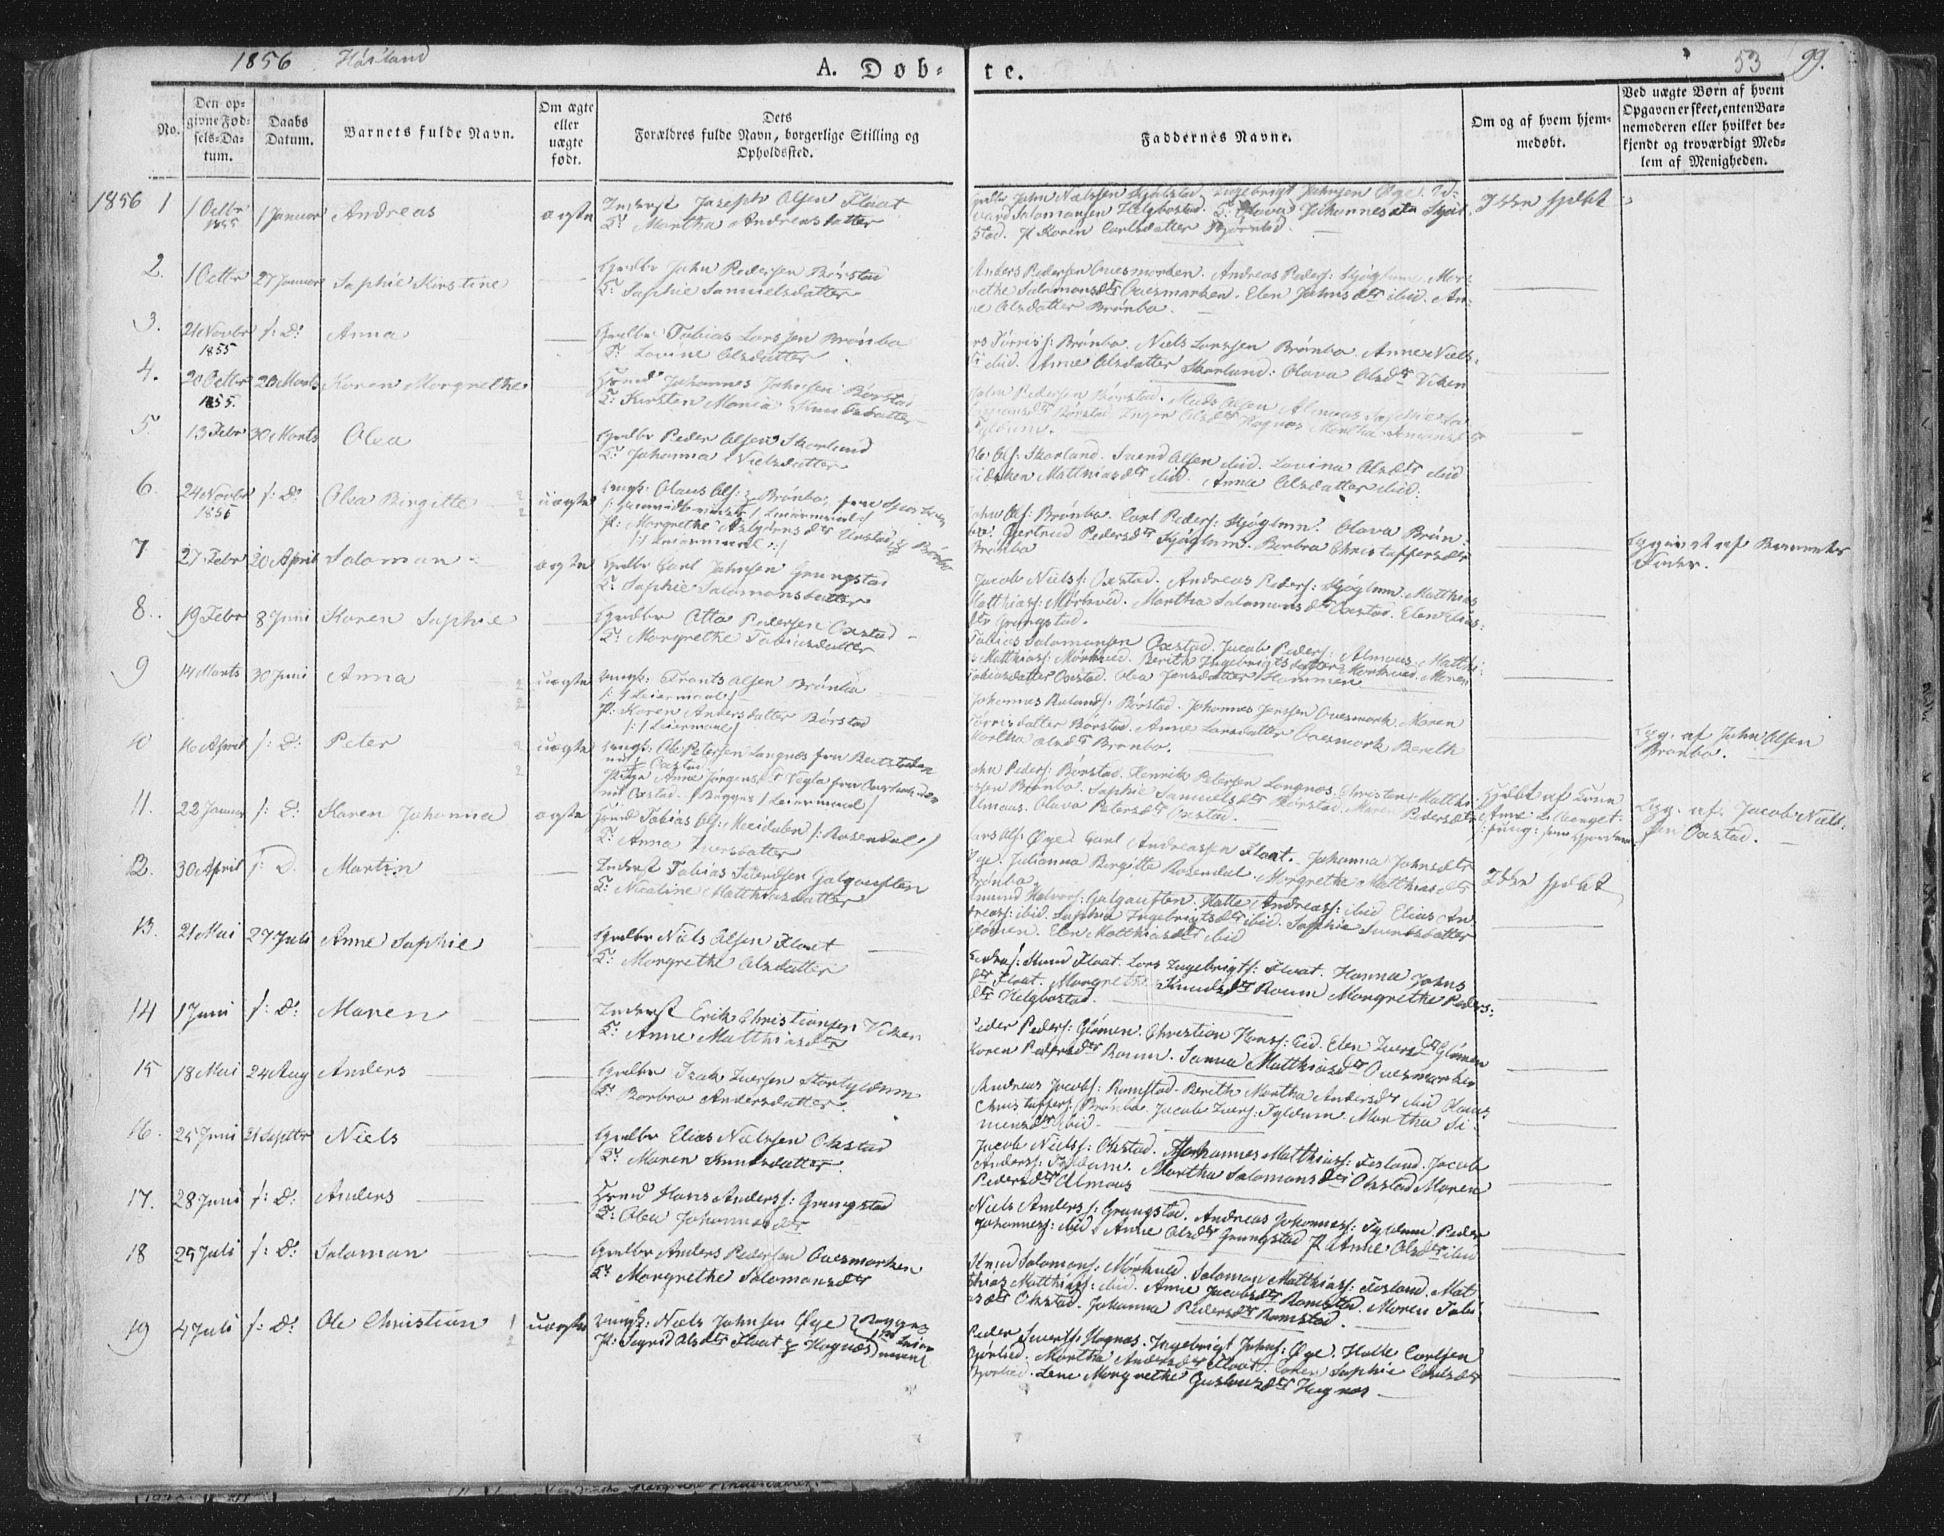 SAT, Ministerialprotokoller, klokkerbøker og fødselsregistre - Nord-Trøndelag, 758/L0513: Ministerialbok nr. 758A02 /2, 1839-1868, s. 53